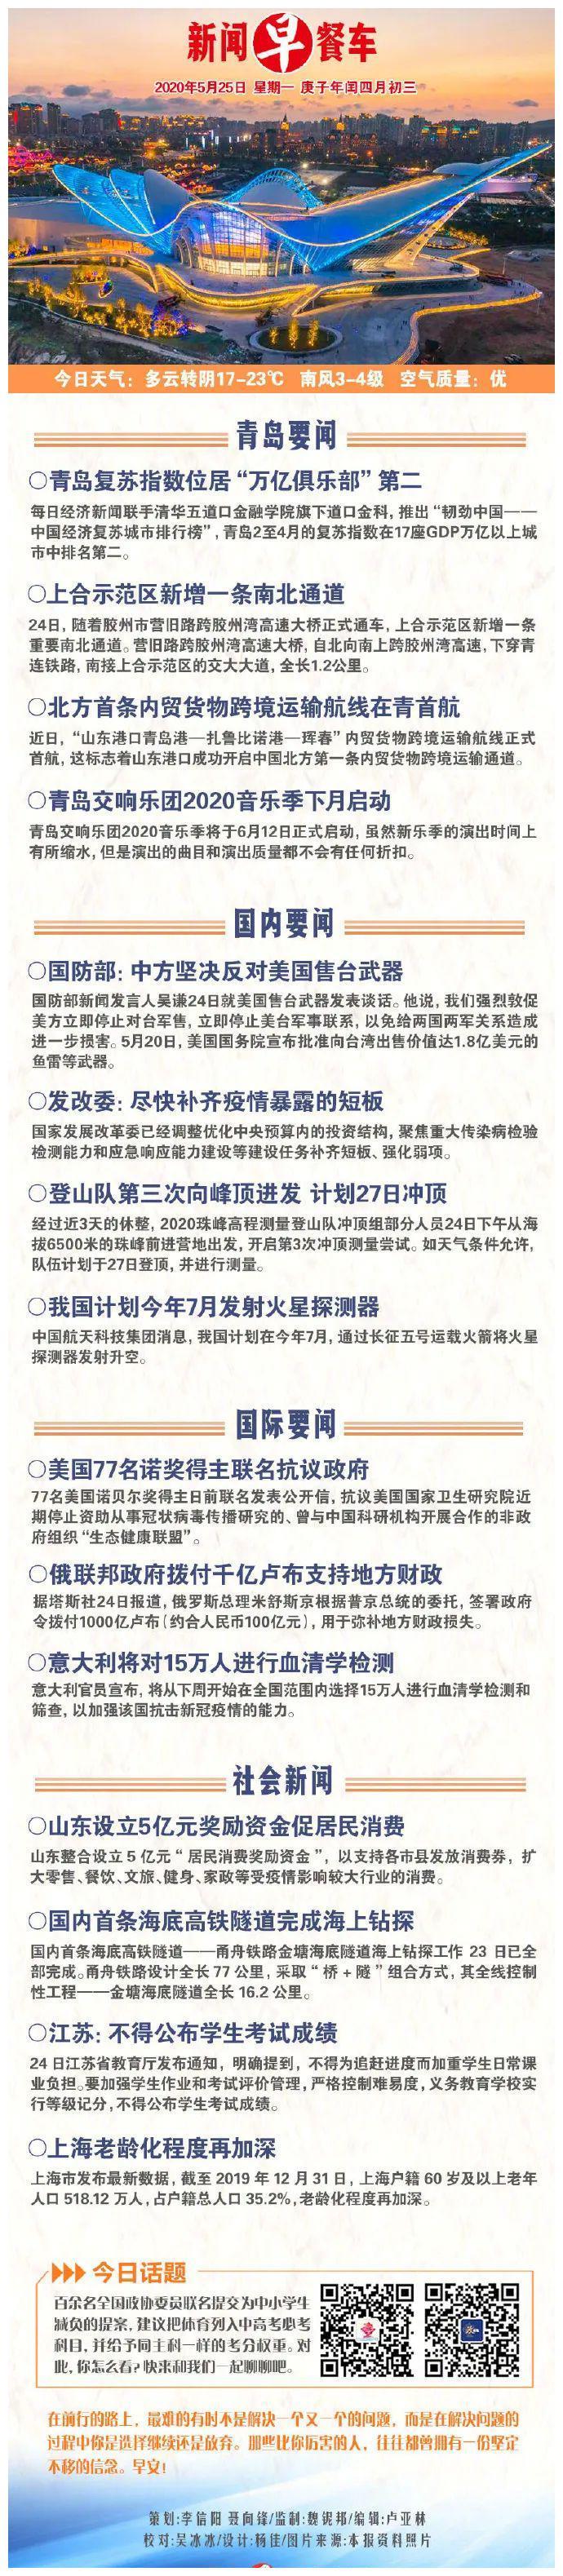 新闻早餐车┃5月25日 新闻速览